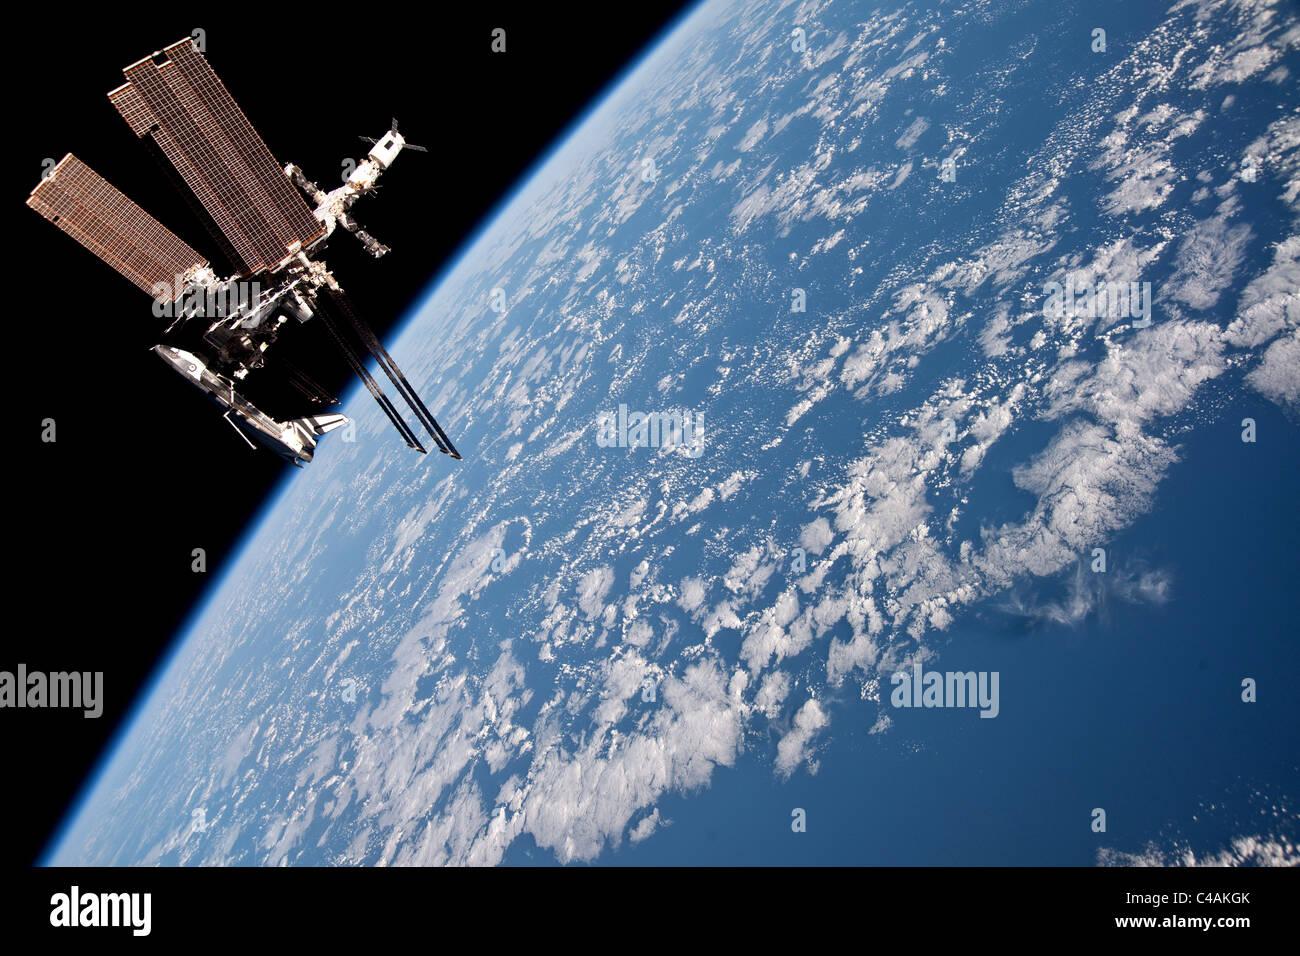 La navette spatiale Endeavour amarrée à la Station spatiale internationale Photo Stock